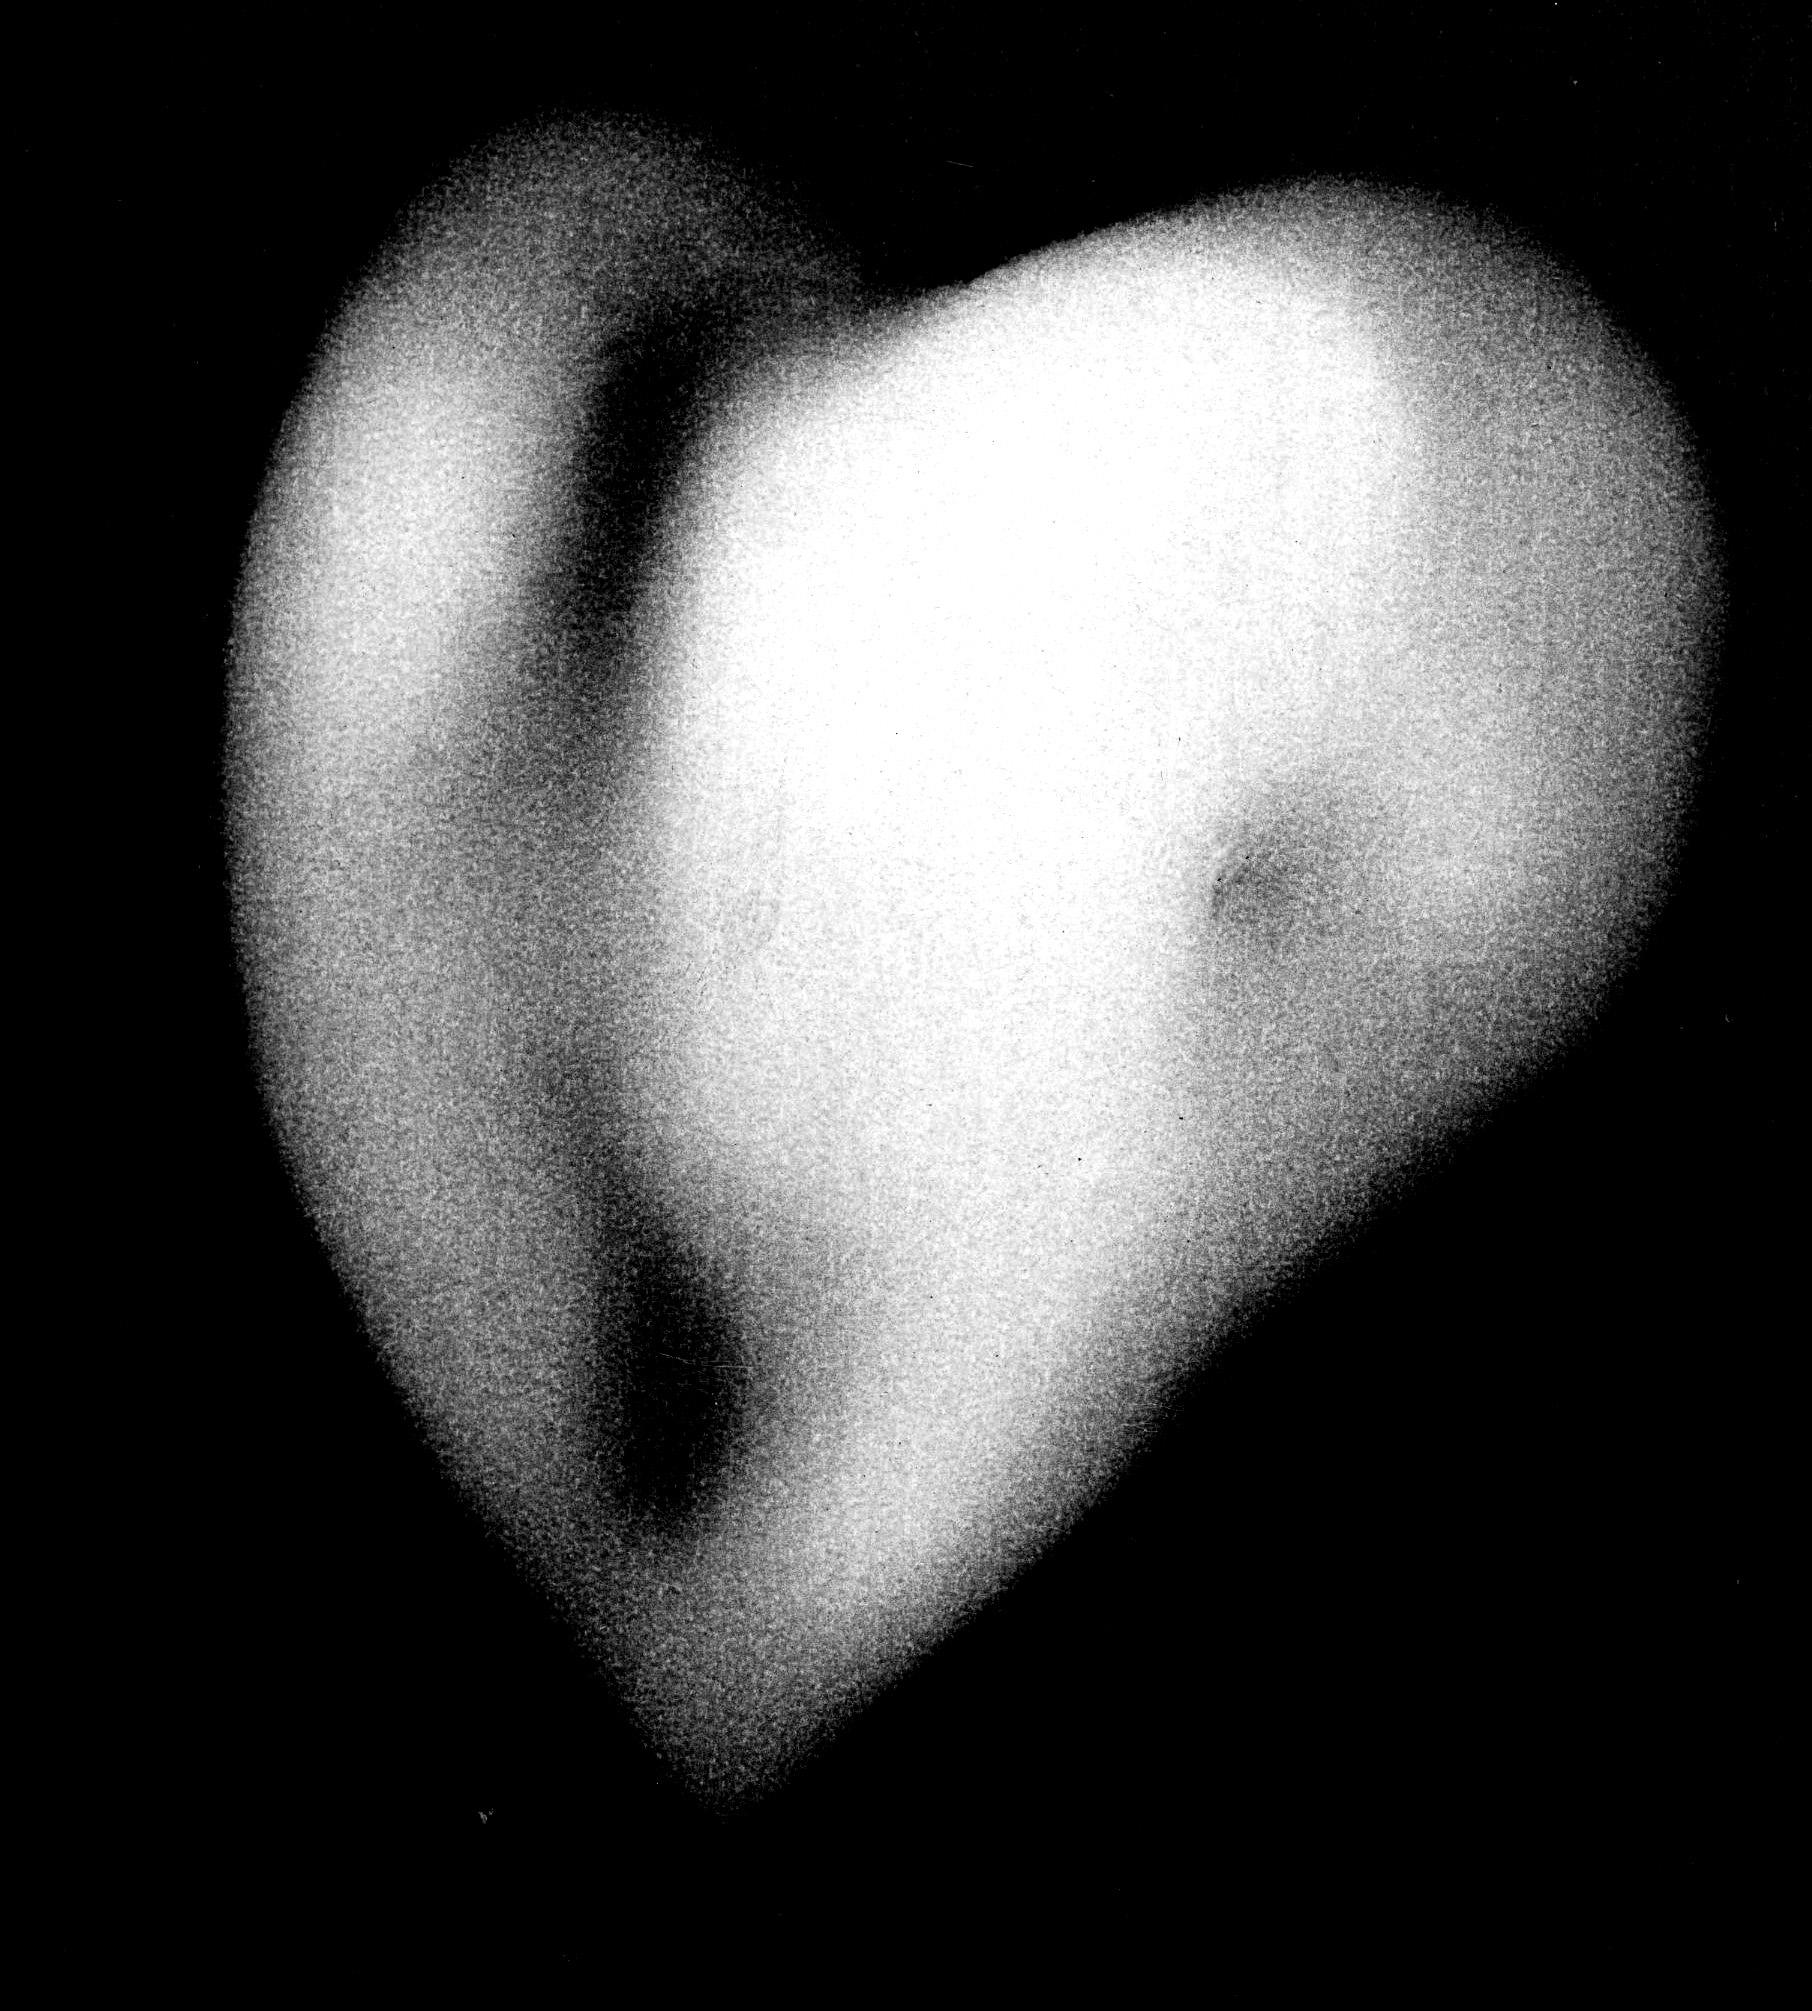 Zen board heart, nancy winship millikenjpg